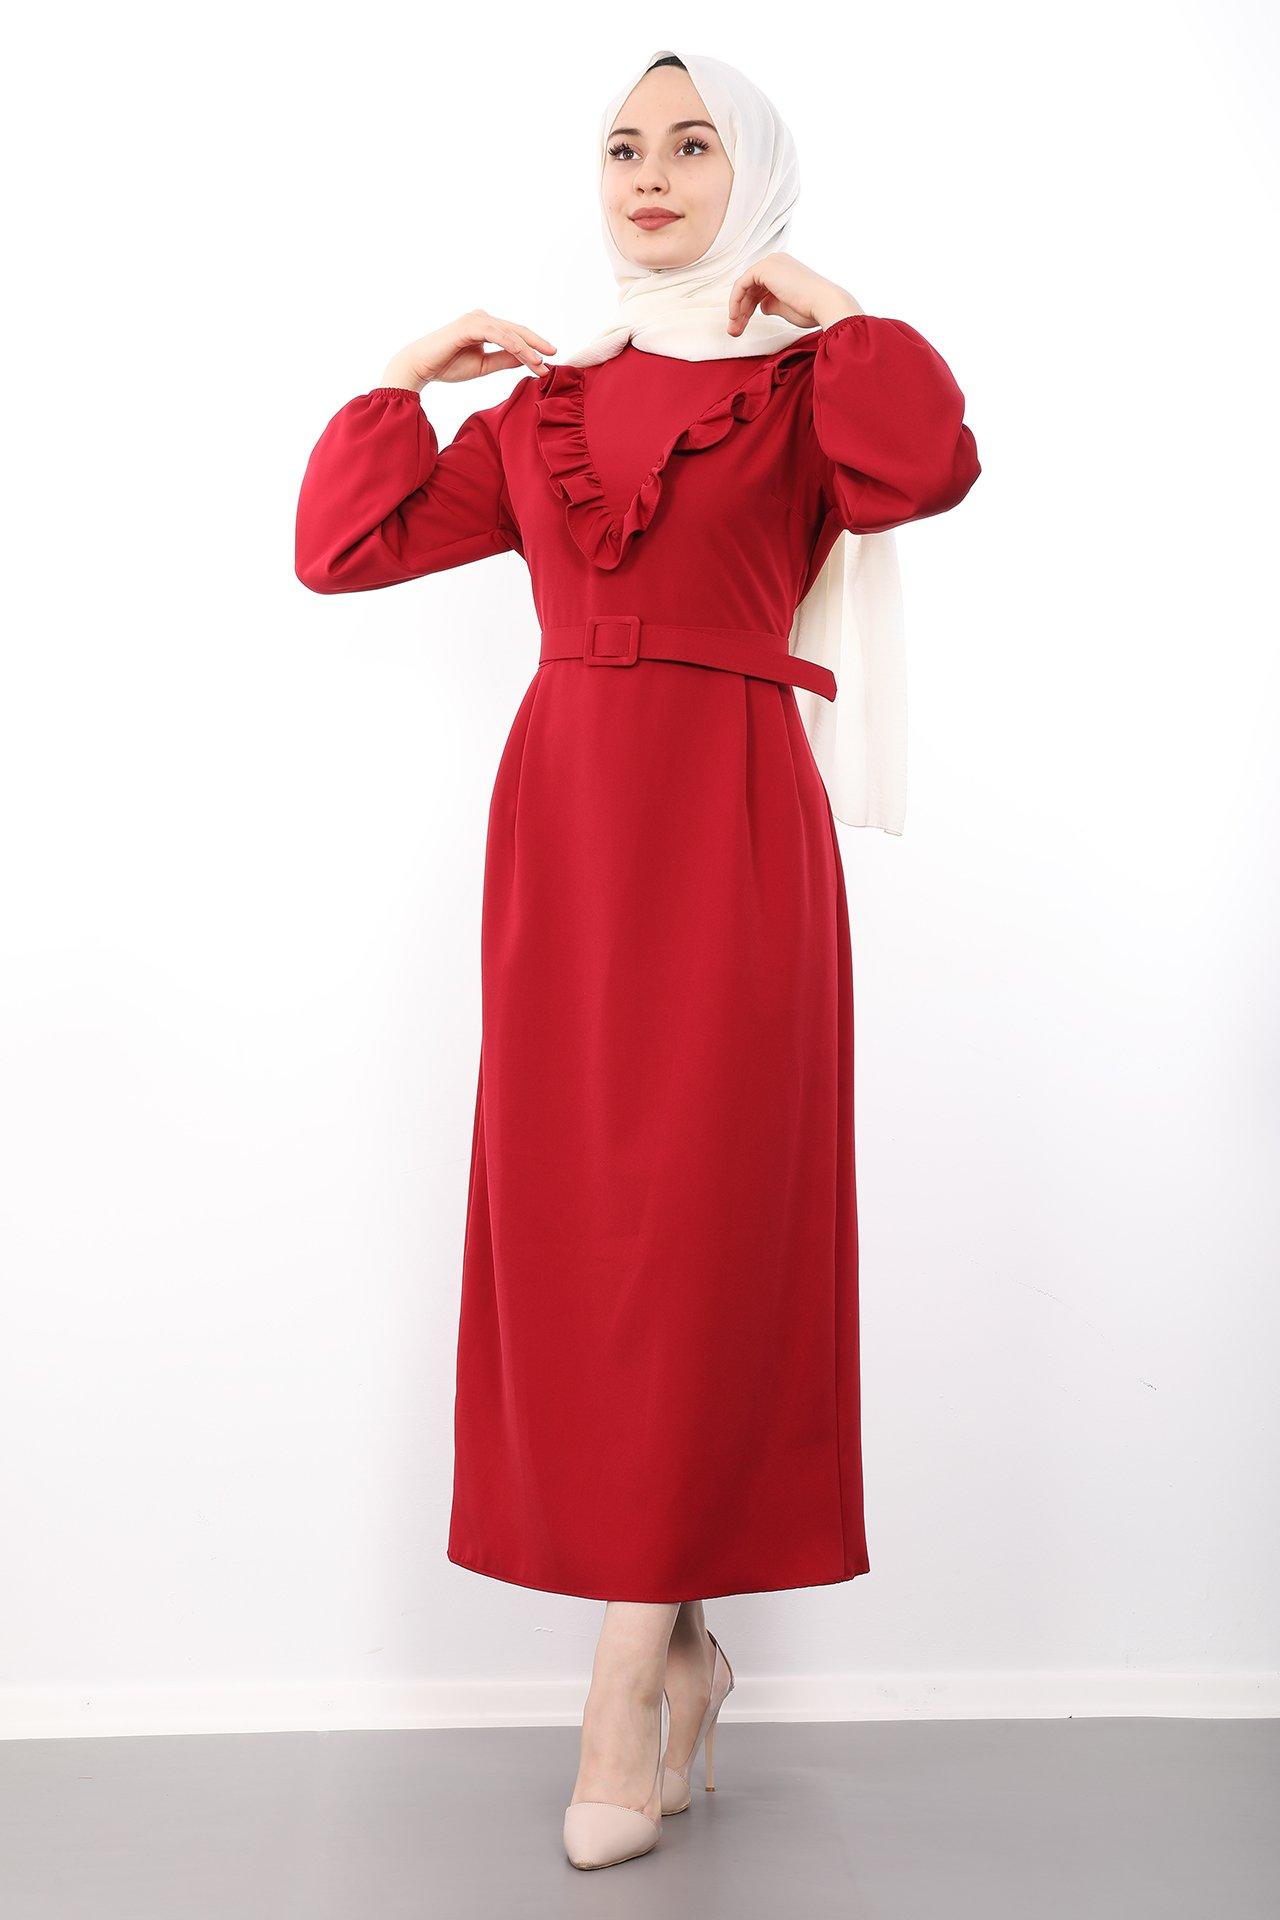 GİZAGİYİM - Giza Önü Fırfırlı Kalem Elbise Bordo